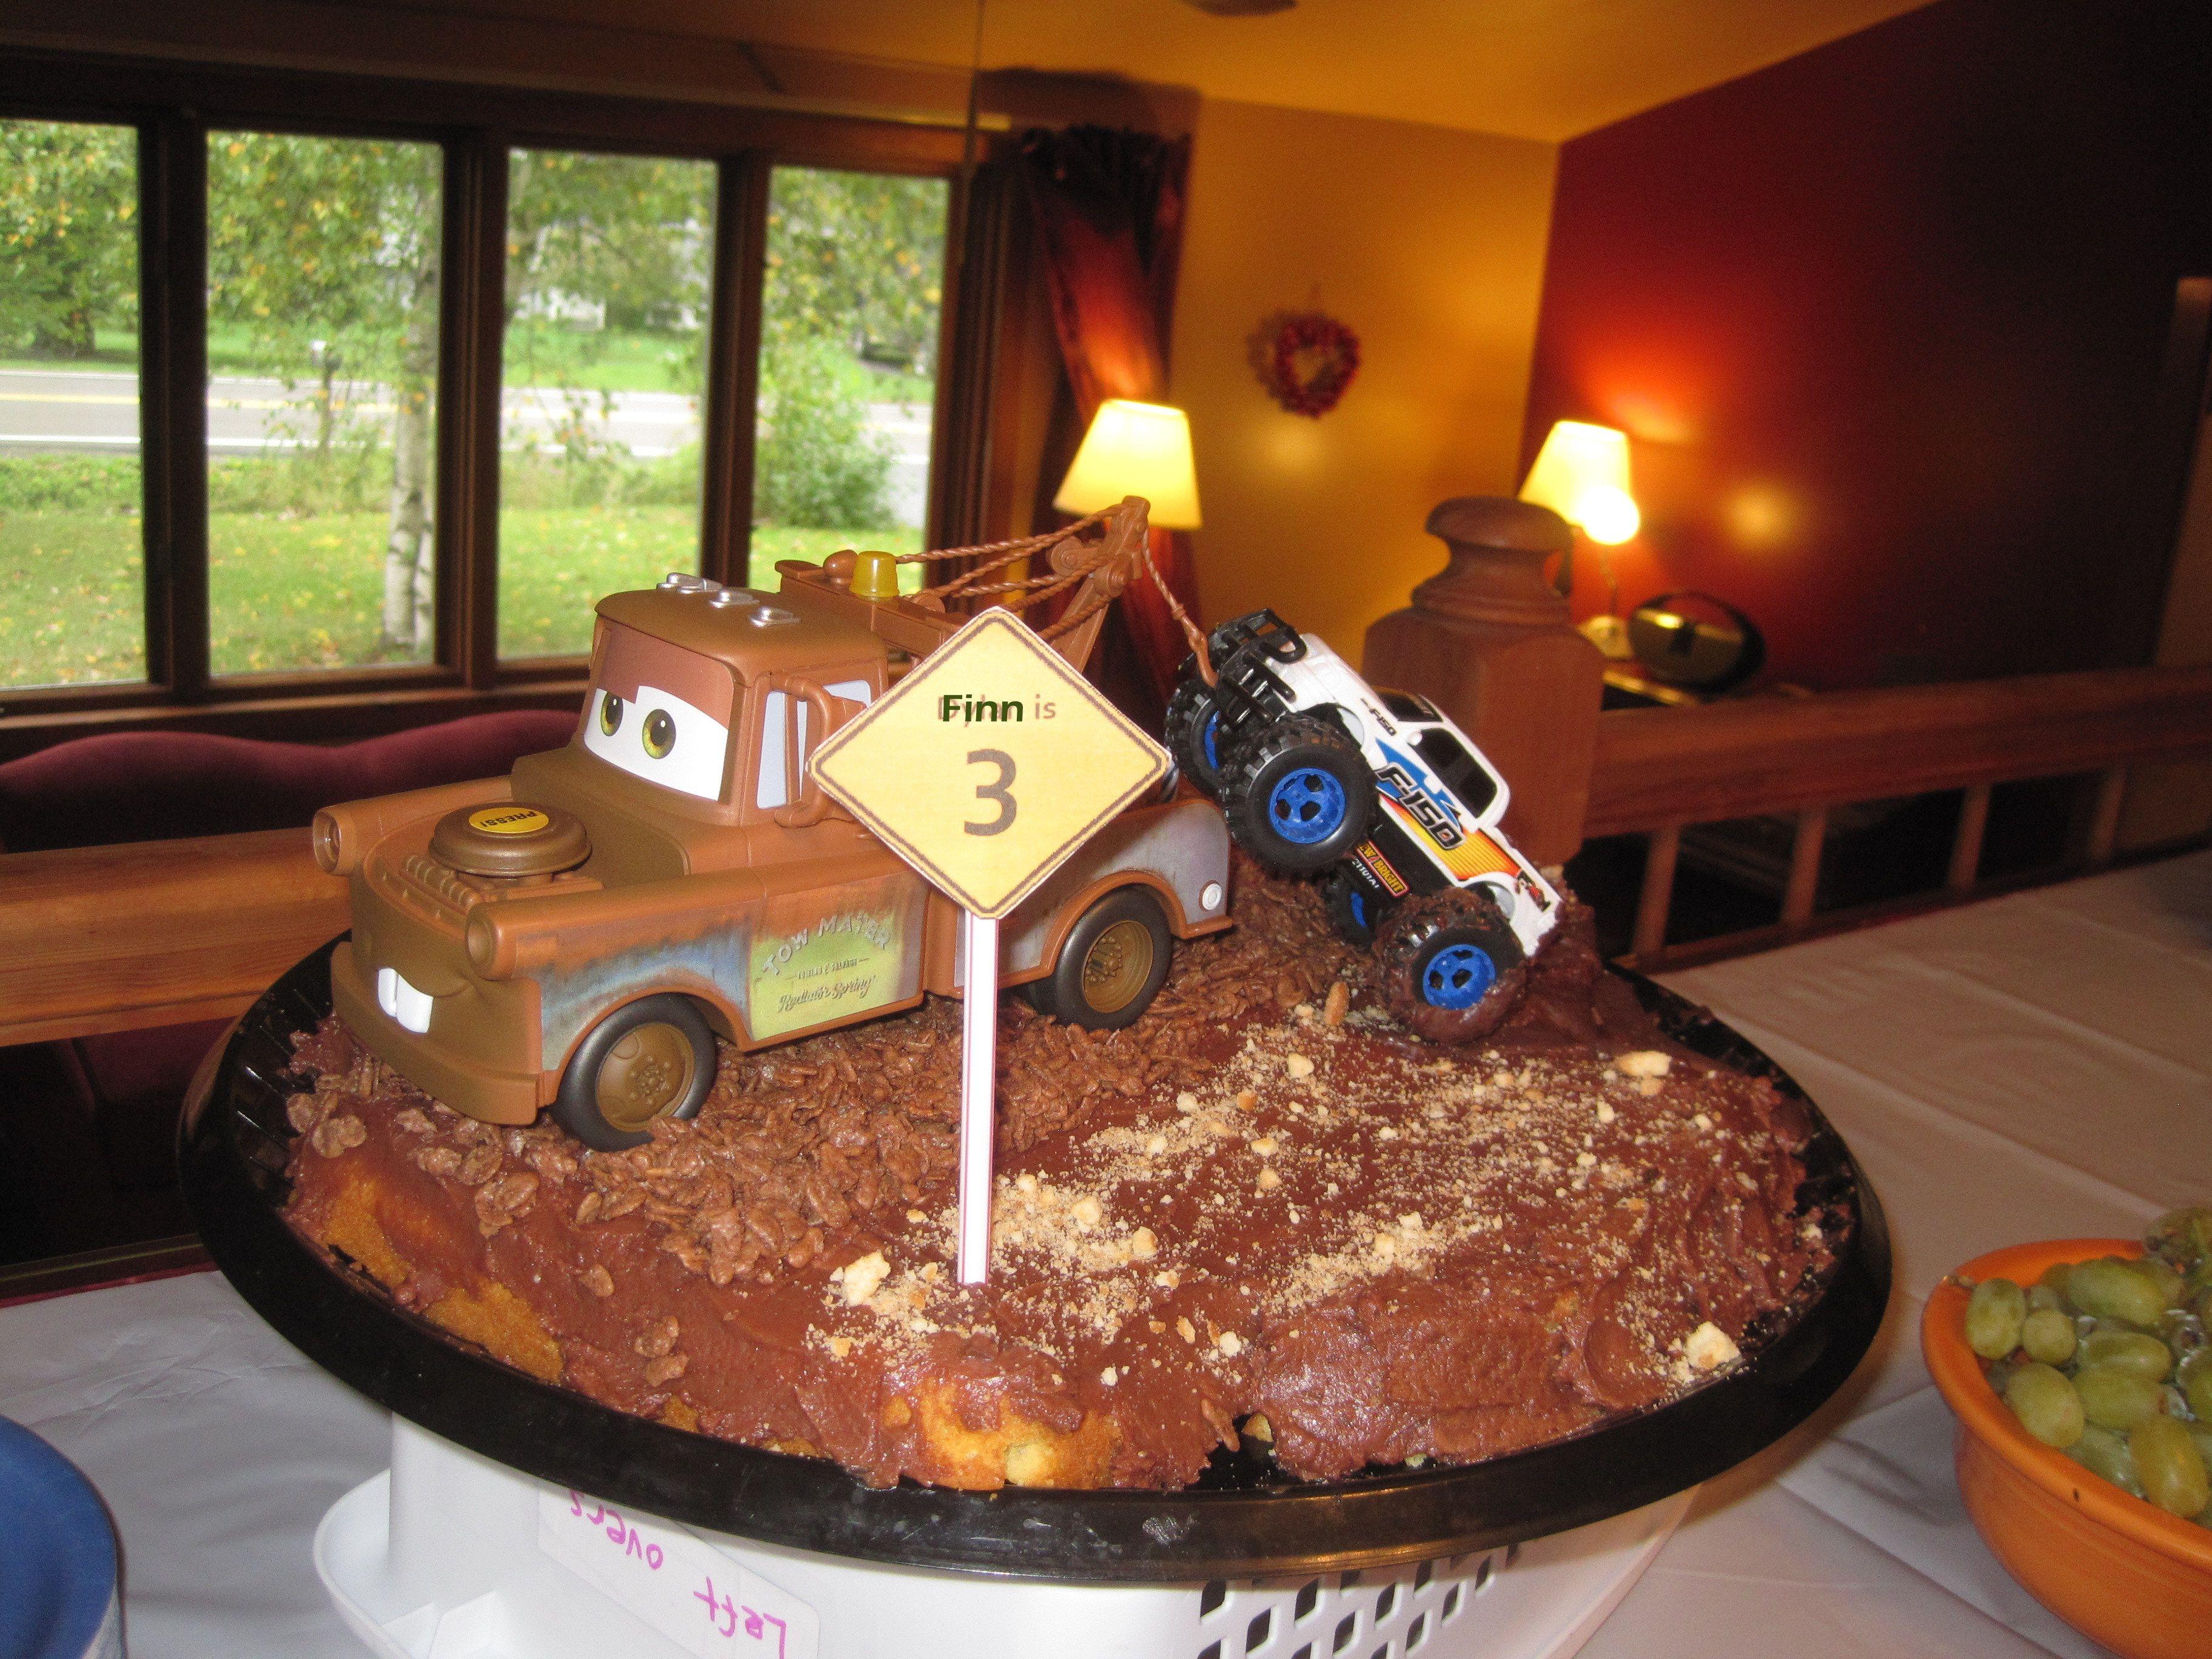 Tremendous Tow Mater Towing A Monster Truck Birthday Cake Monster Truck Funny Birthday Cards Online Benoljebrpdamsfinfo